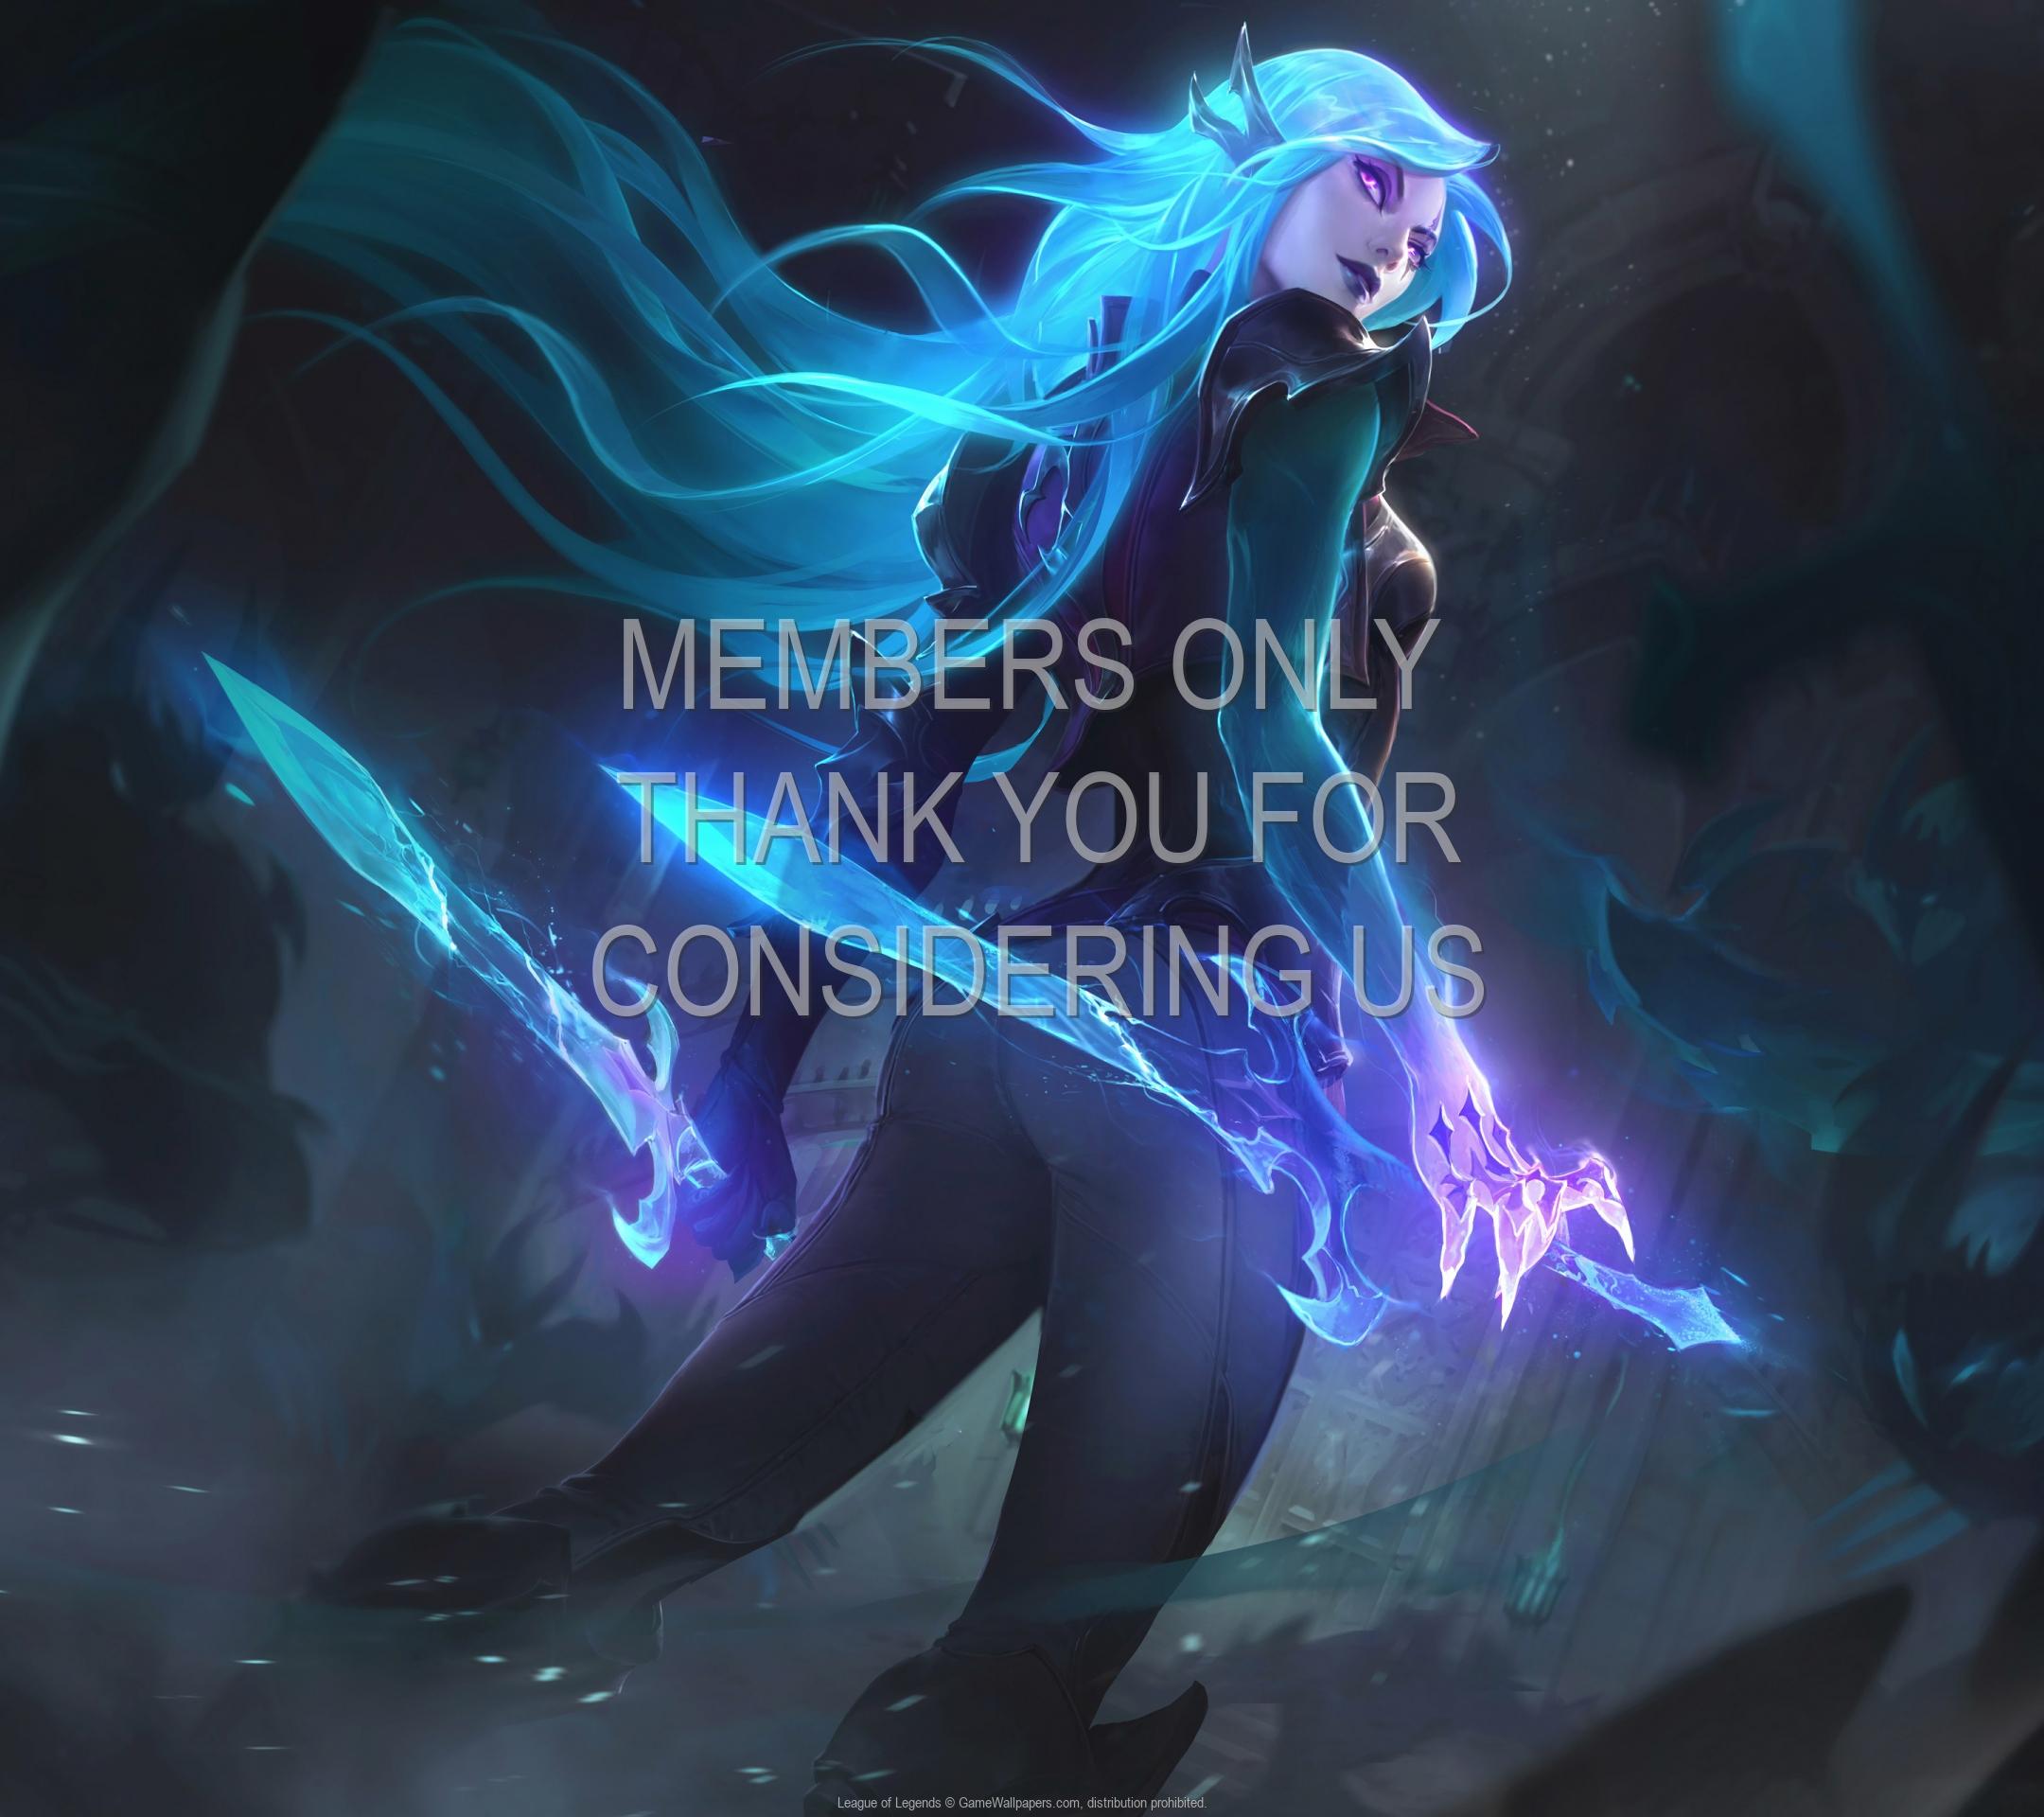 League of Legends 1920x1080 Handy Hintergrundbild 77